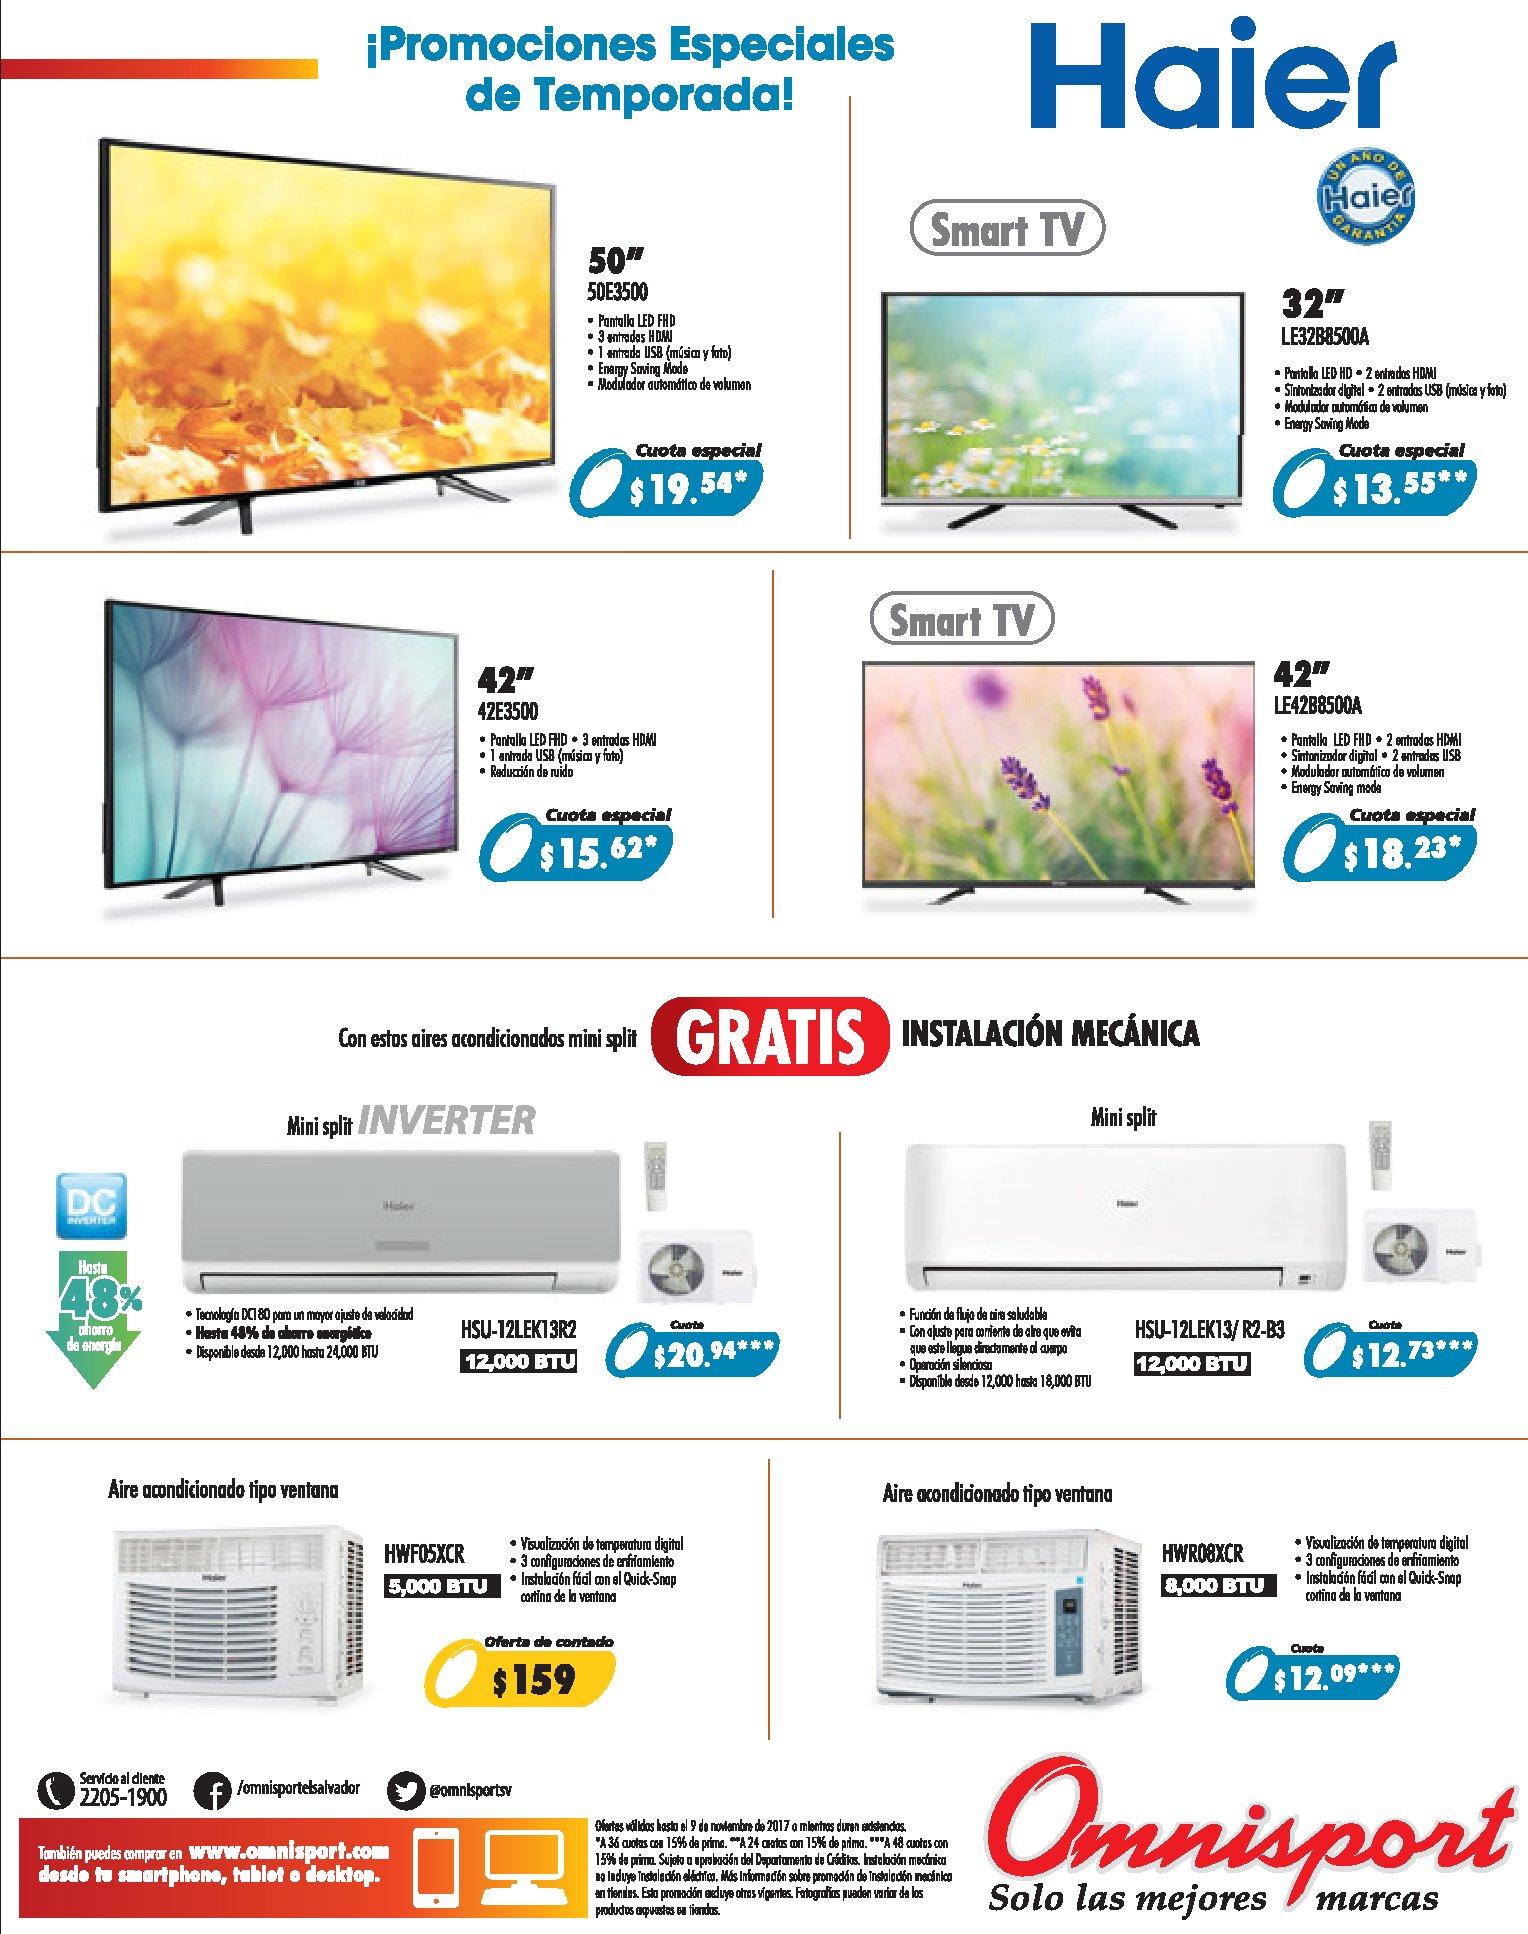 HAIER pantallas y aires acondiciones con precios especiales - nov 17